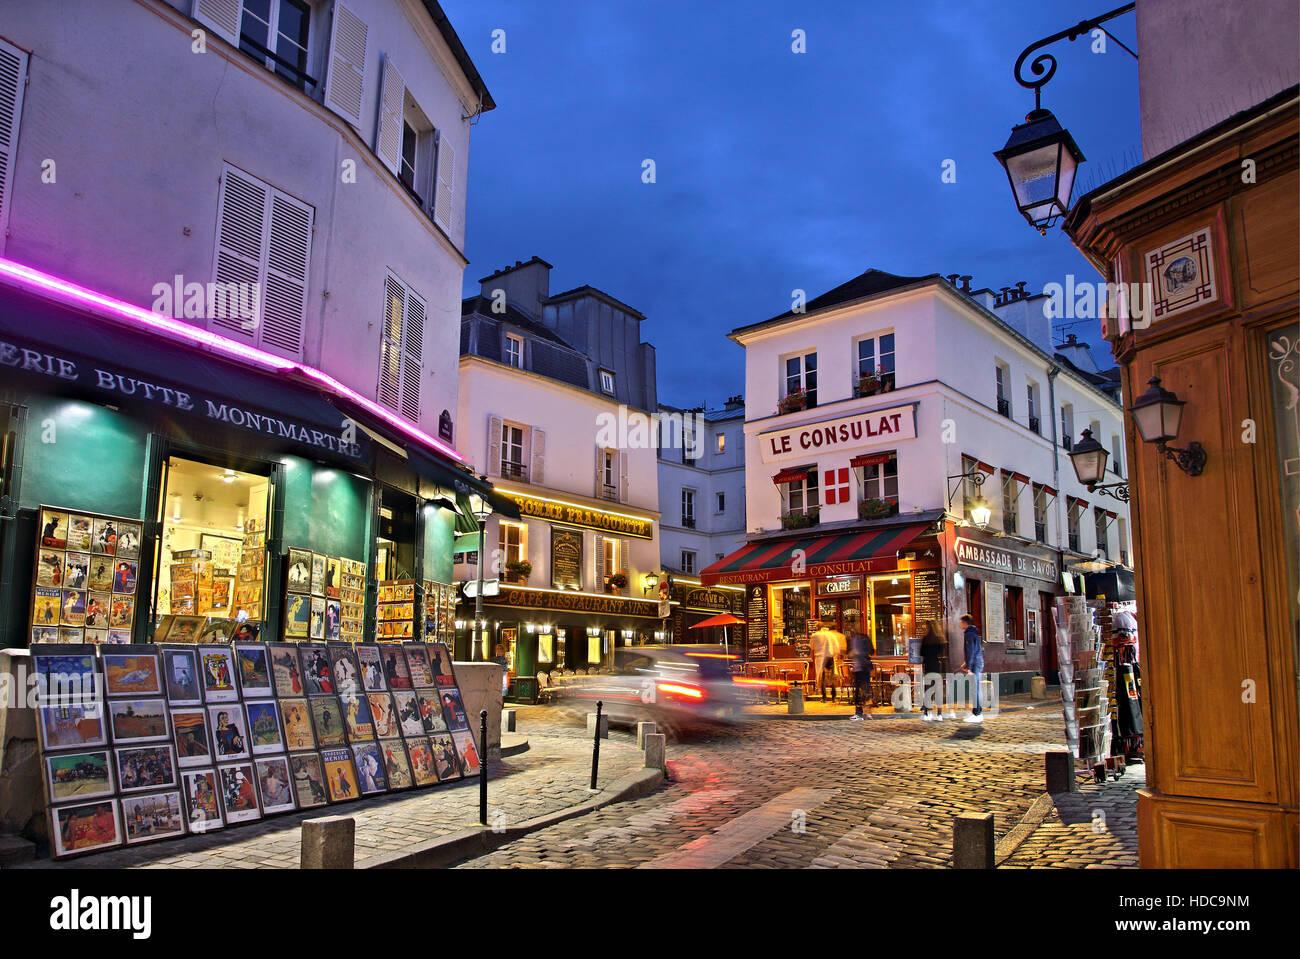 Balade dans les ruelles pittoresques de la 'bohemian' quartier de Montmartre, Paris, France Banque D'Images